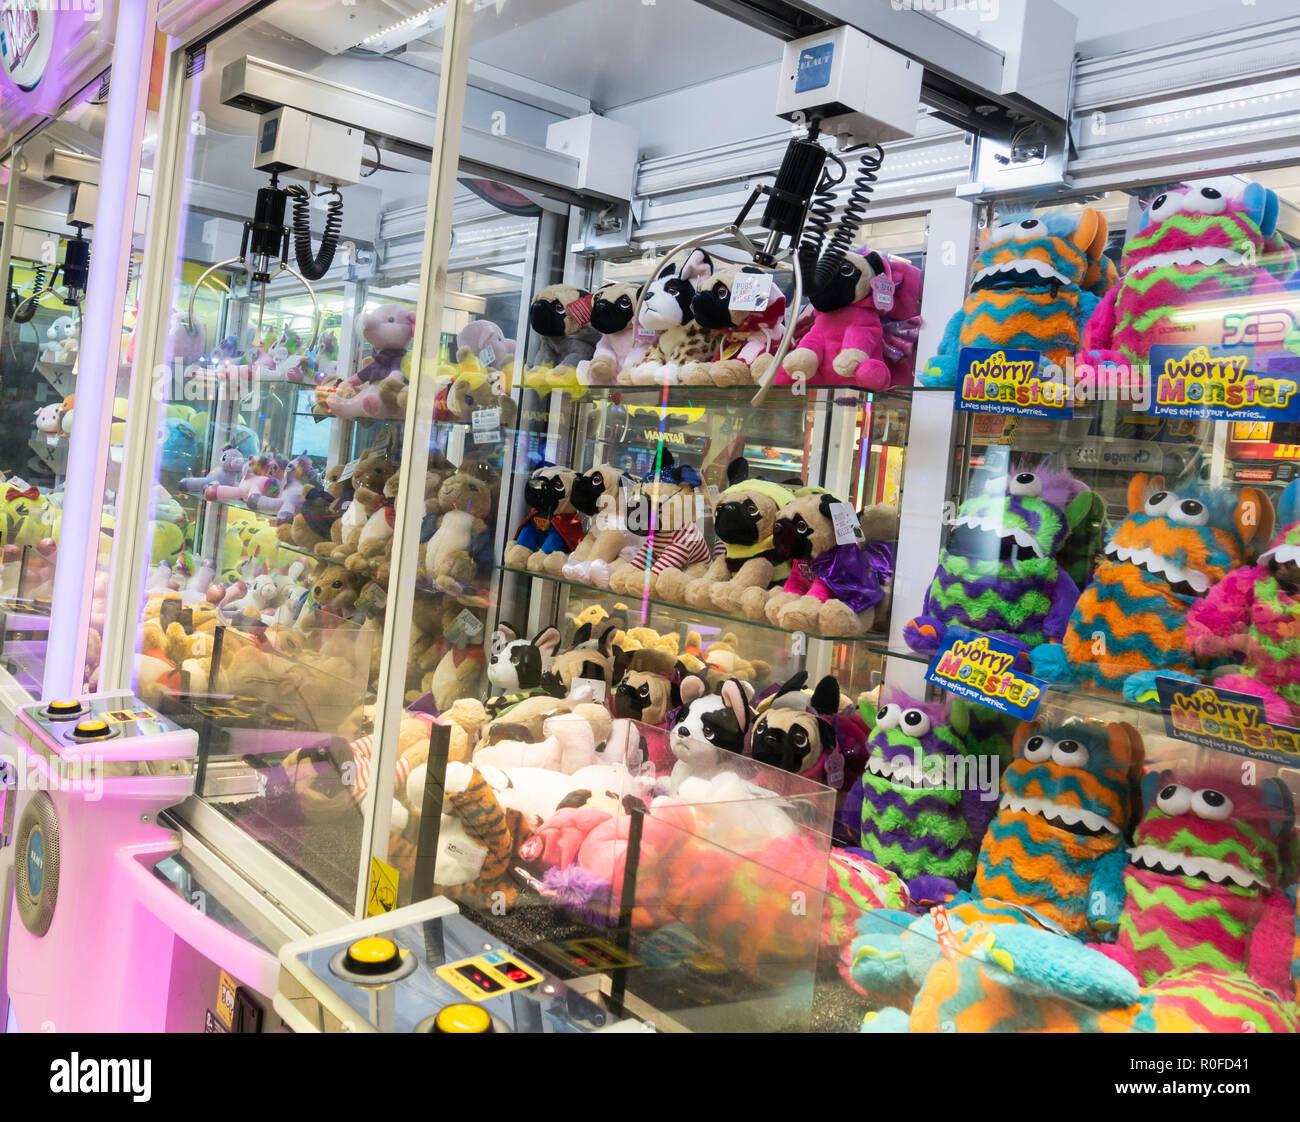 Cran grab machine in seaside arcade. - Stock Image